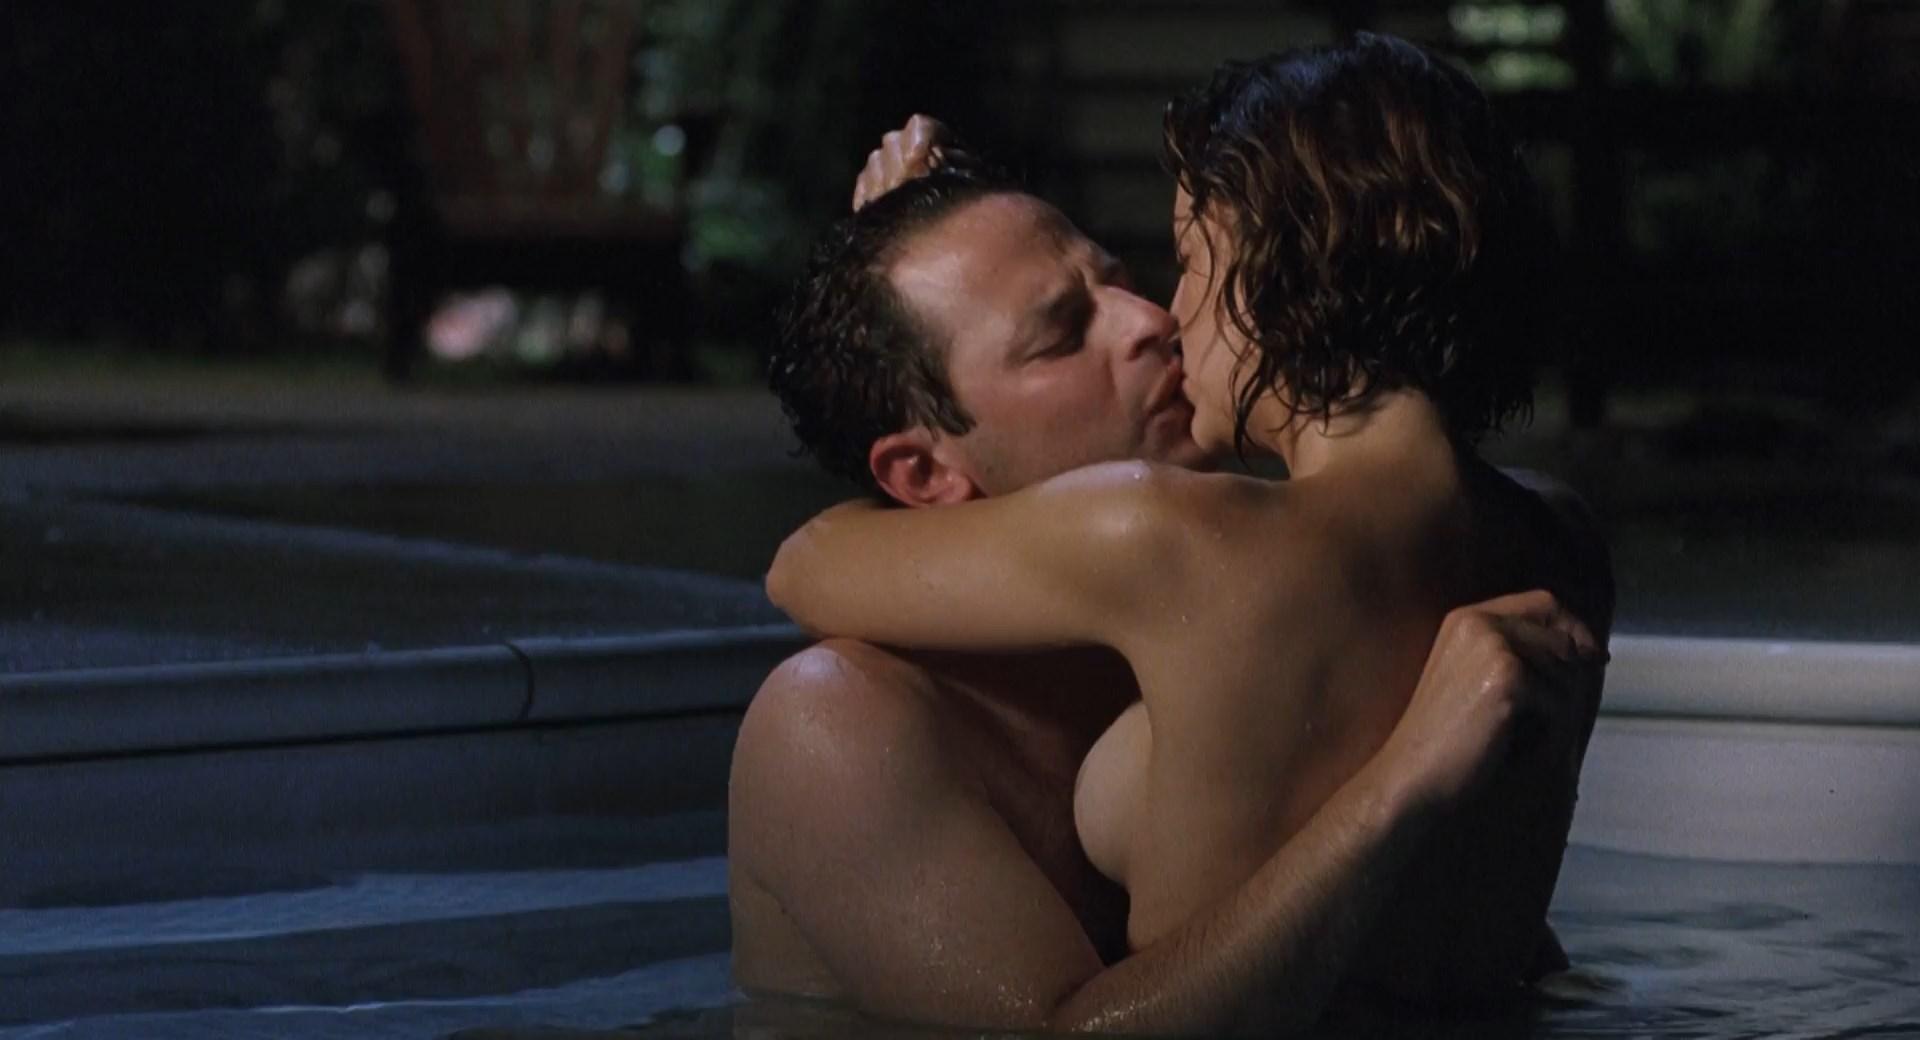 Angela sarafyan naked tits